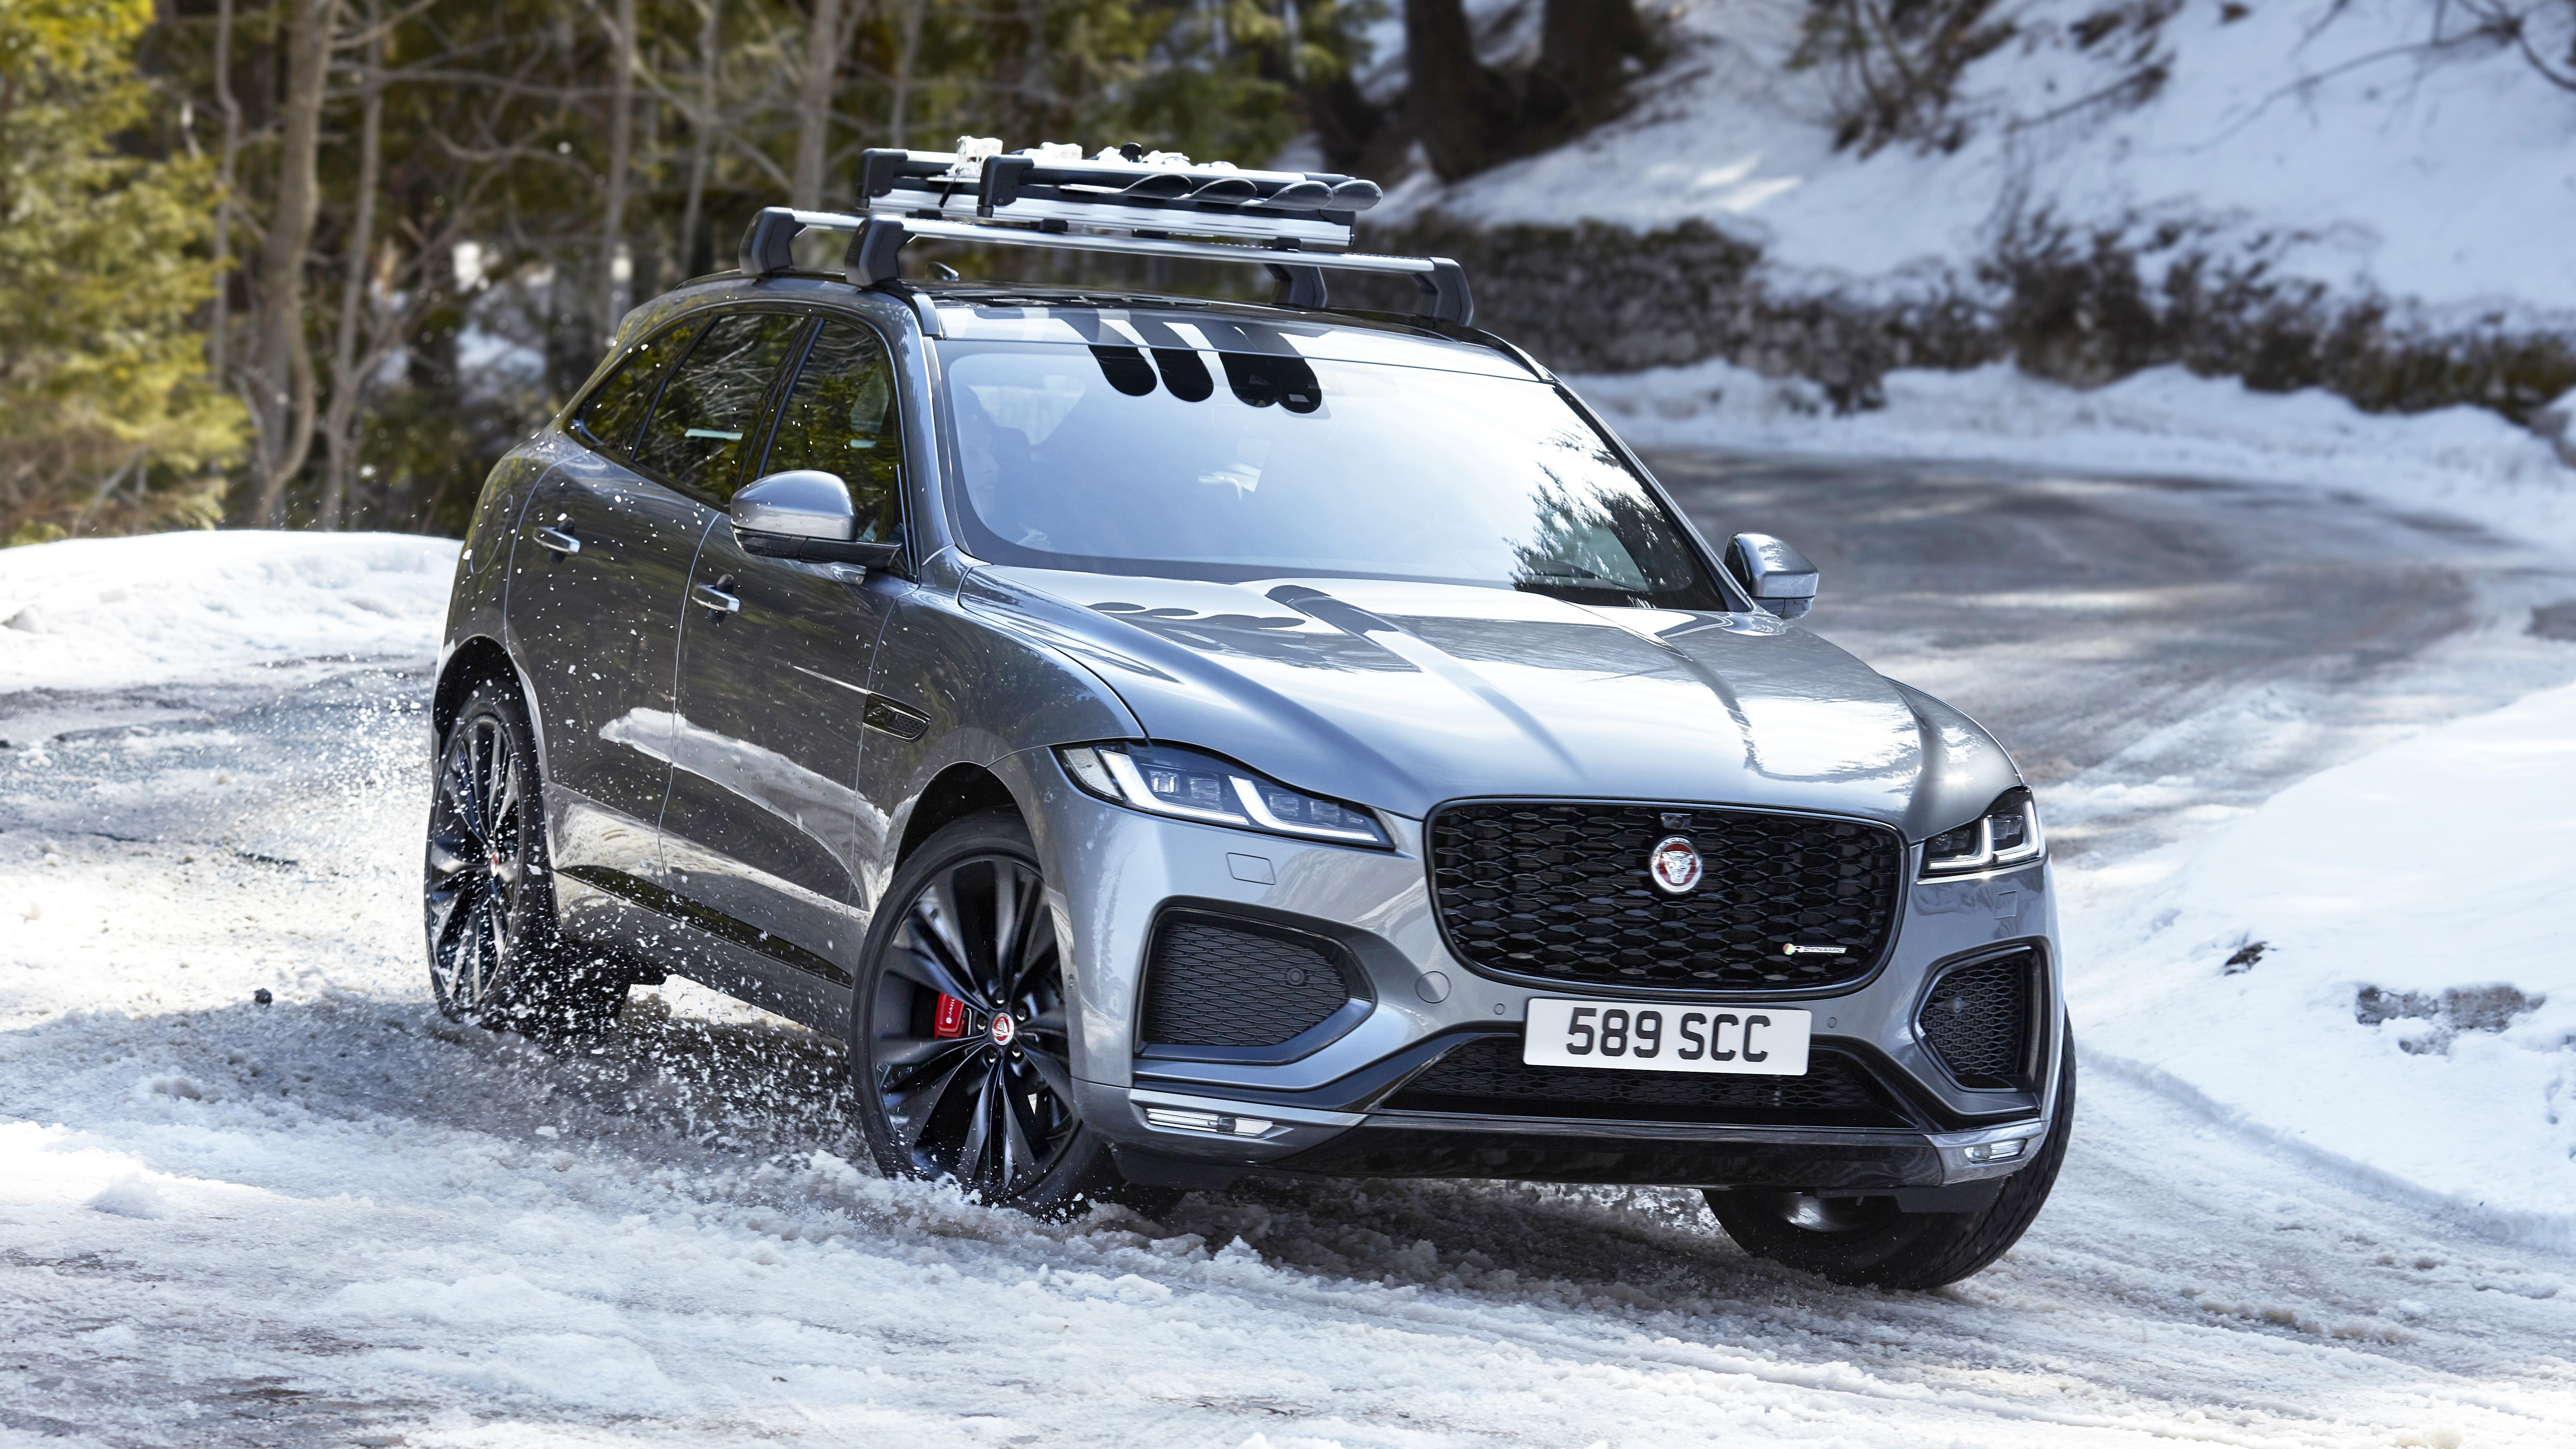 2020 Jaguar F Pace Gets New Phev Powertrain Carbuyer